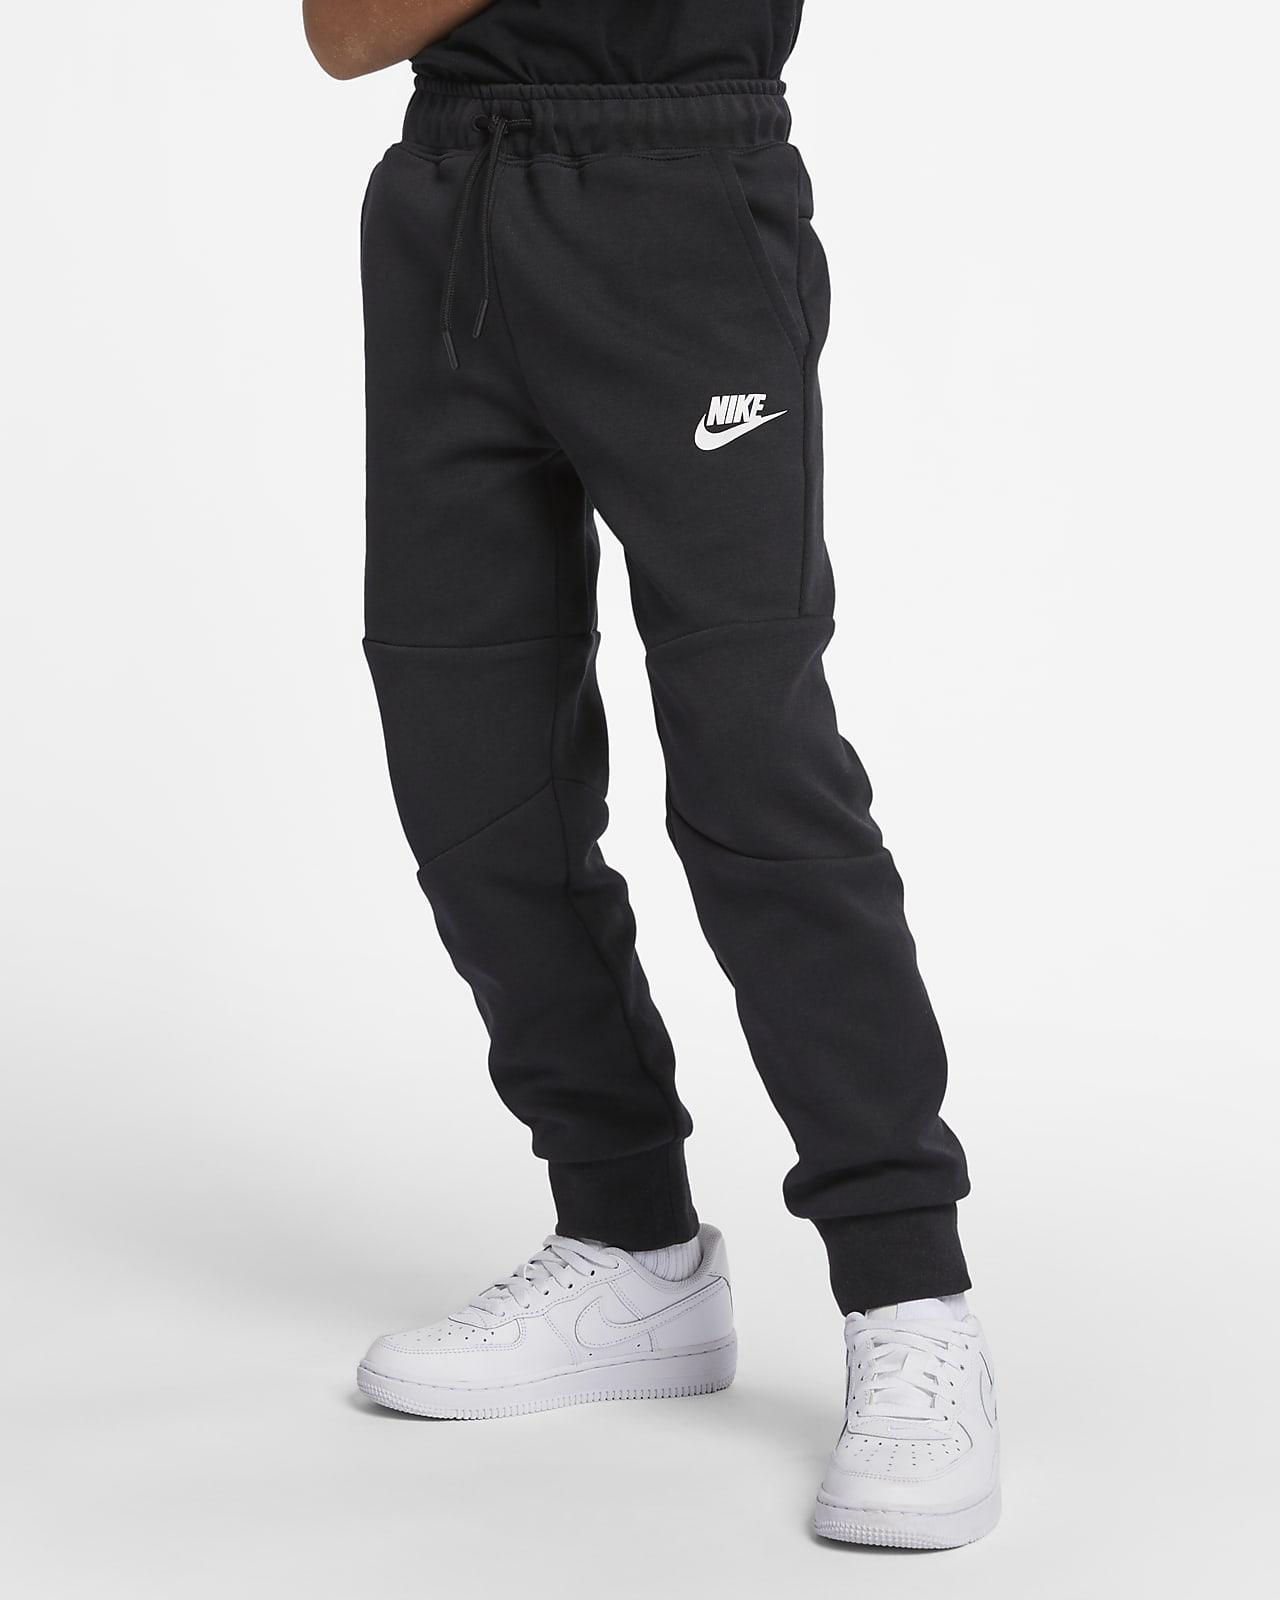 Pantalon Nike Tech Fleece pour Jeune enfant